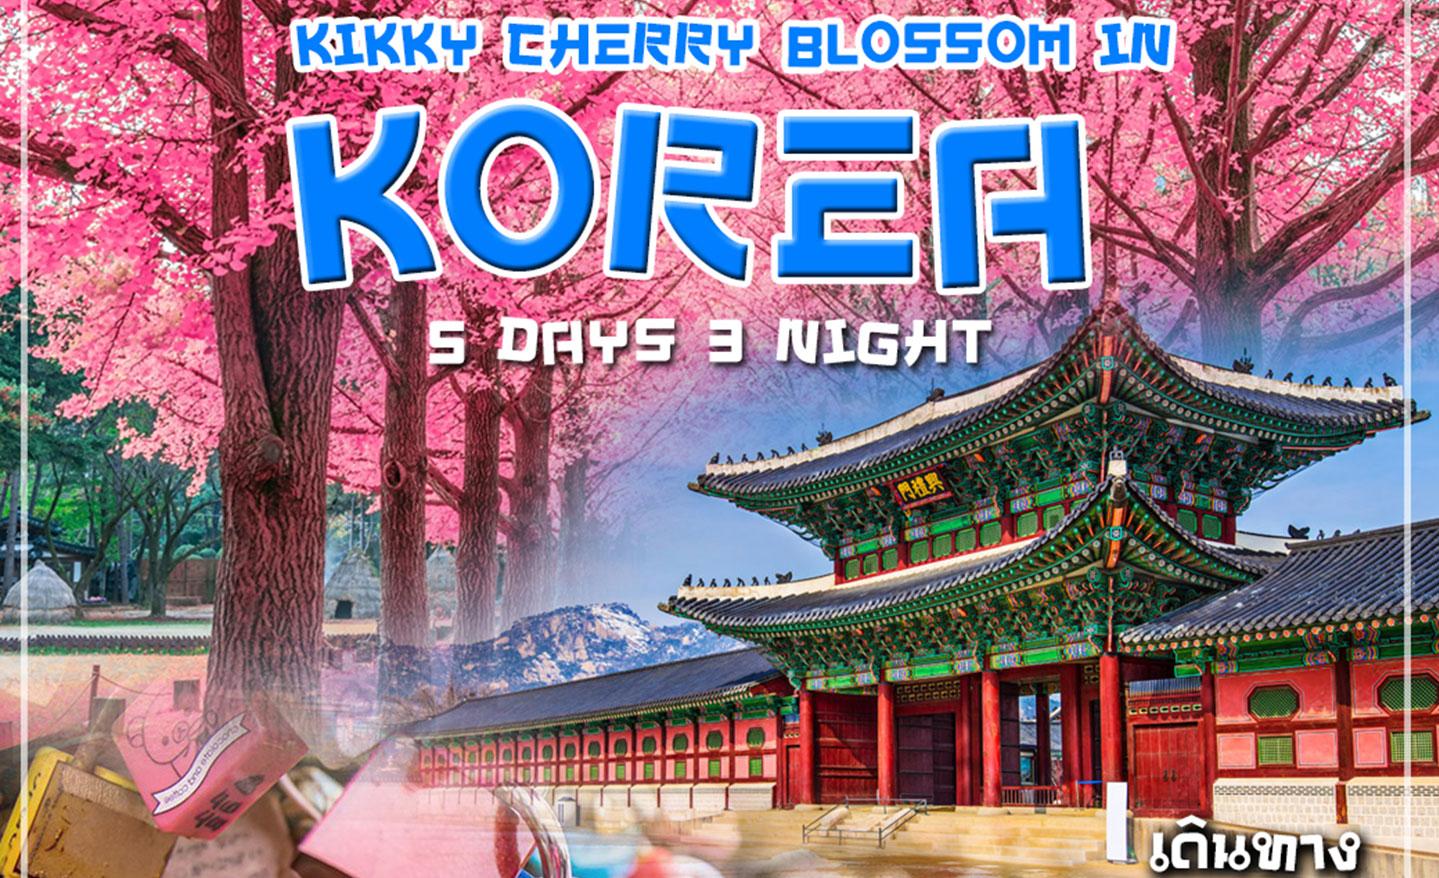 ทัวร์เกาหลี Kikky Cherry Blossom In Korea (มี.ค.-เม.ย.62)